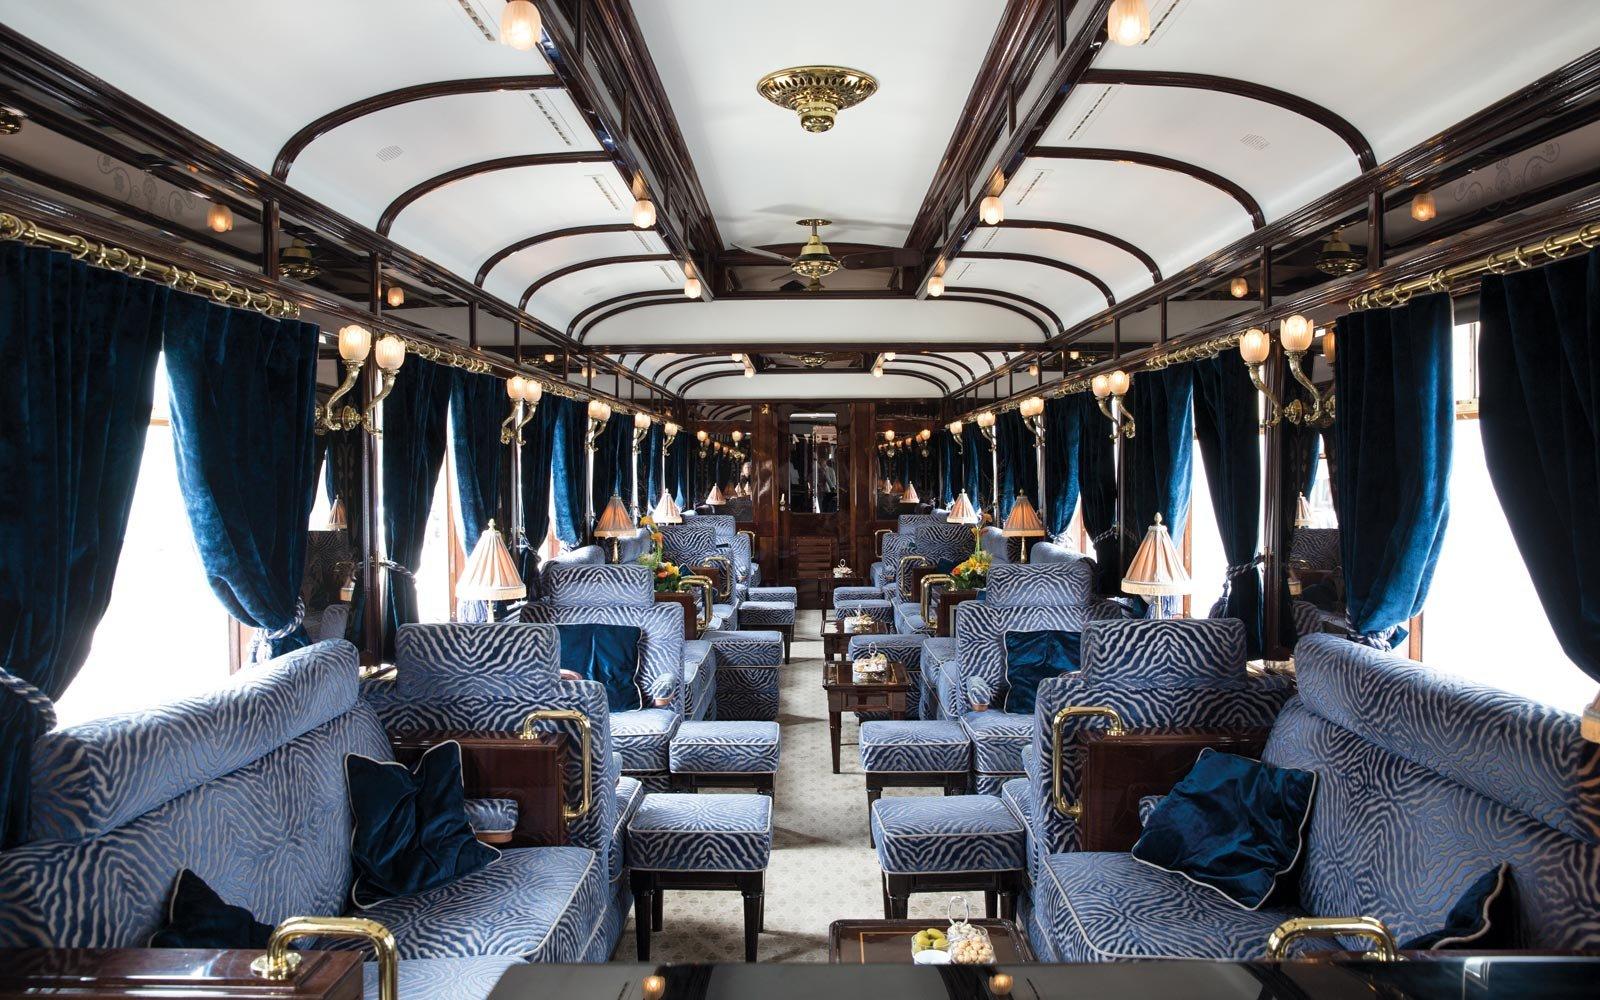 Viaje de Veneza a Londres no estilo Gatsby neste trem de luxo com tema dos anos 20